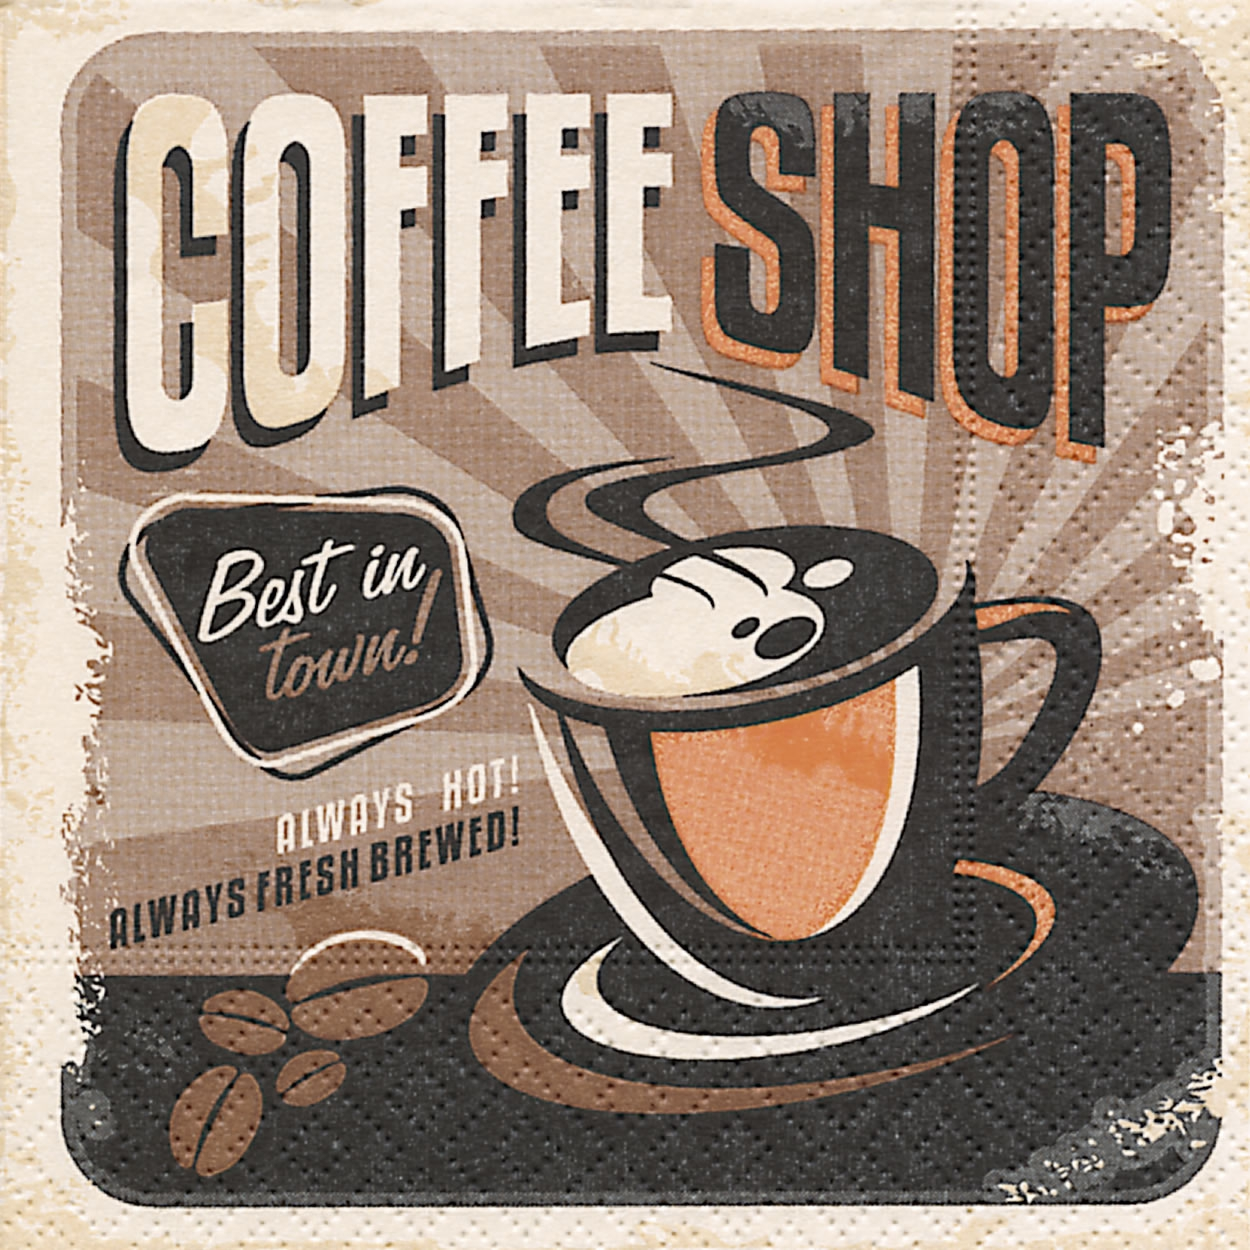 Cocktail Servietten Coffee shop,  Sonstiges - Schriften,  Getränke Kaffee / Tee,  Everyday,  cocktail servietten,  Kaffee,  Schriften